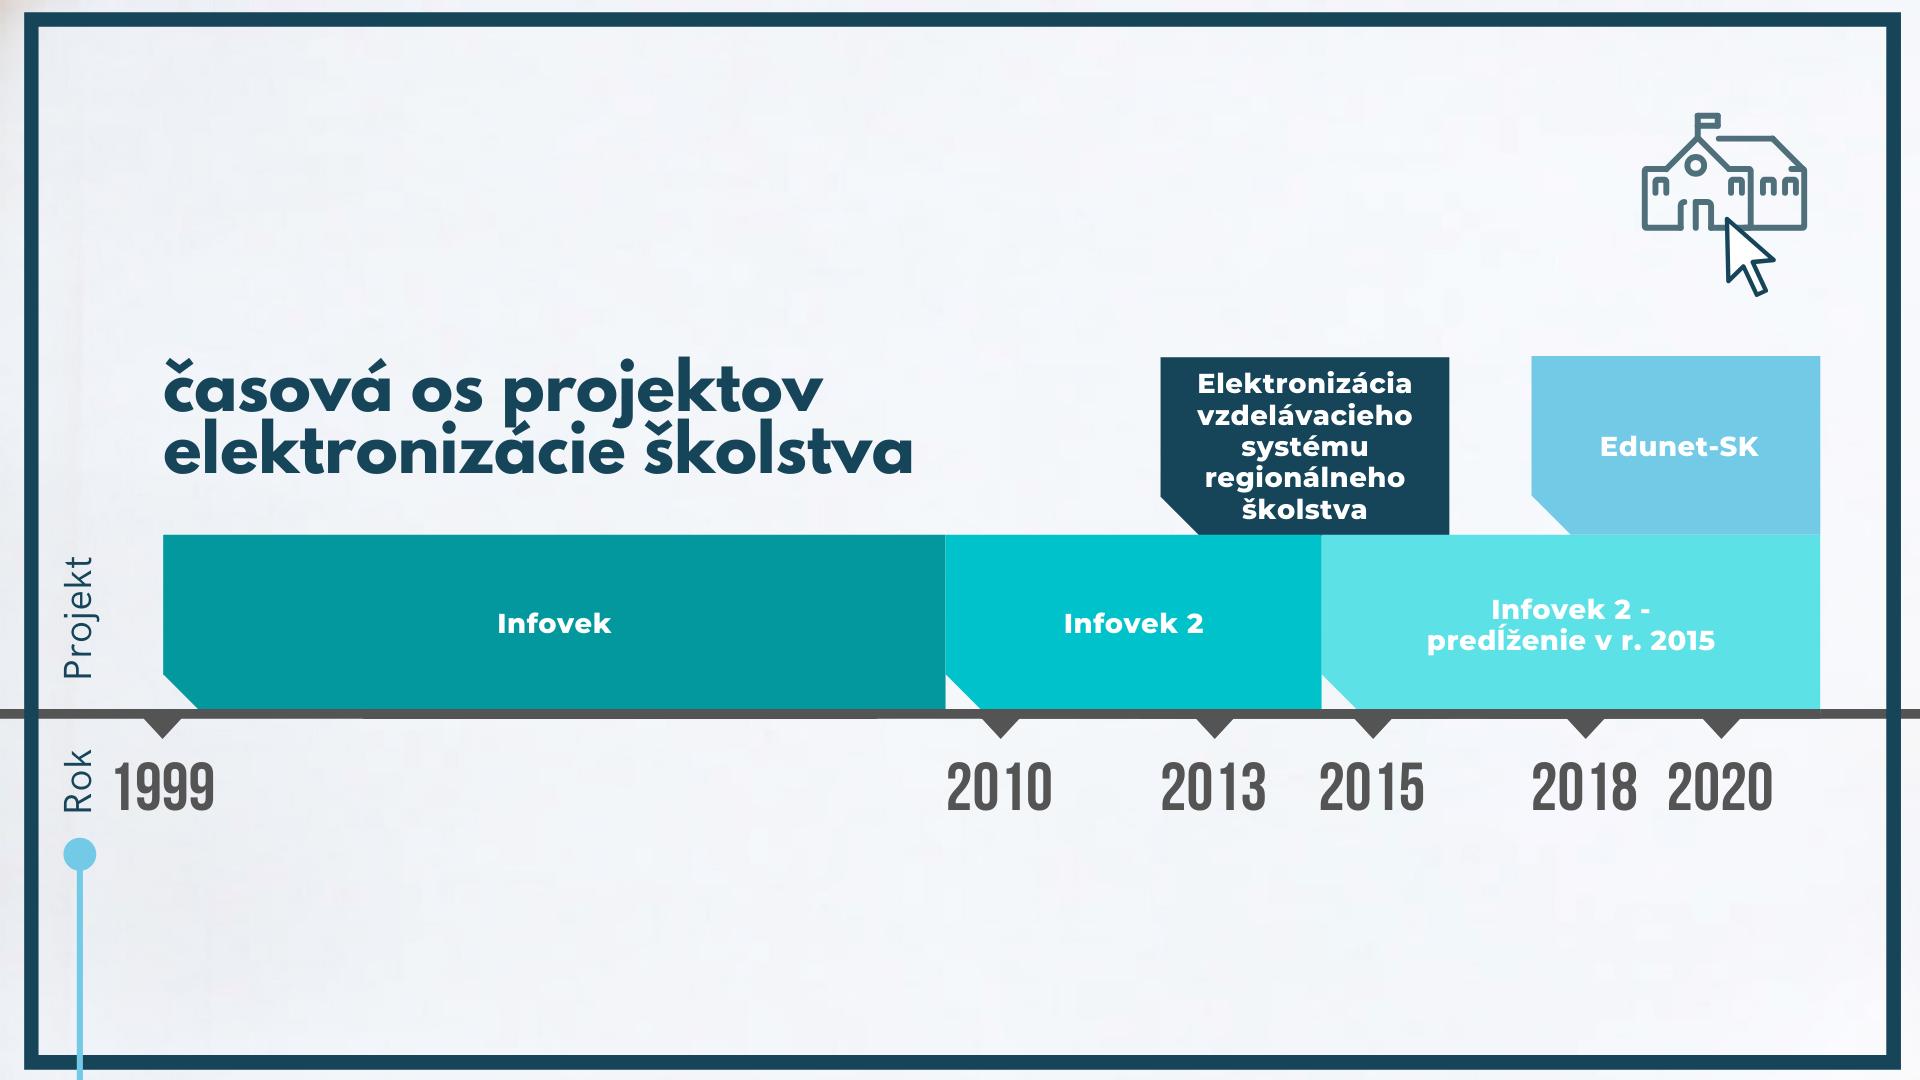 časová os projektov elektronizácie školstva: 1999-2010 Infovek; 2010 - 2015 Infovek 2; 2015 - 2020 Infovek 2 (predĺženie v r. 2015); 2018-2020 Edunet SK; 2013 - 2015 - Elektronizácia vzdelávacieho systému regionálneho školstva.